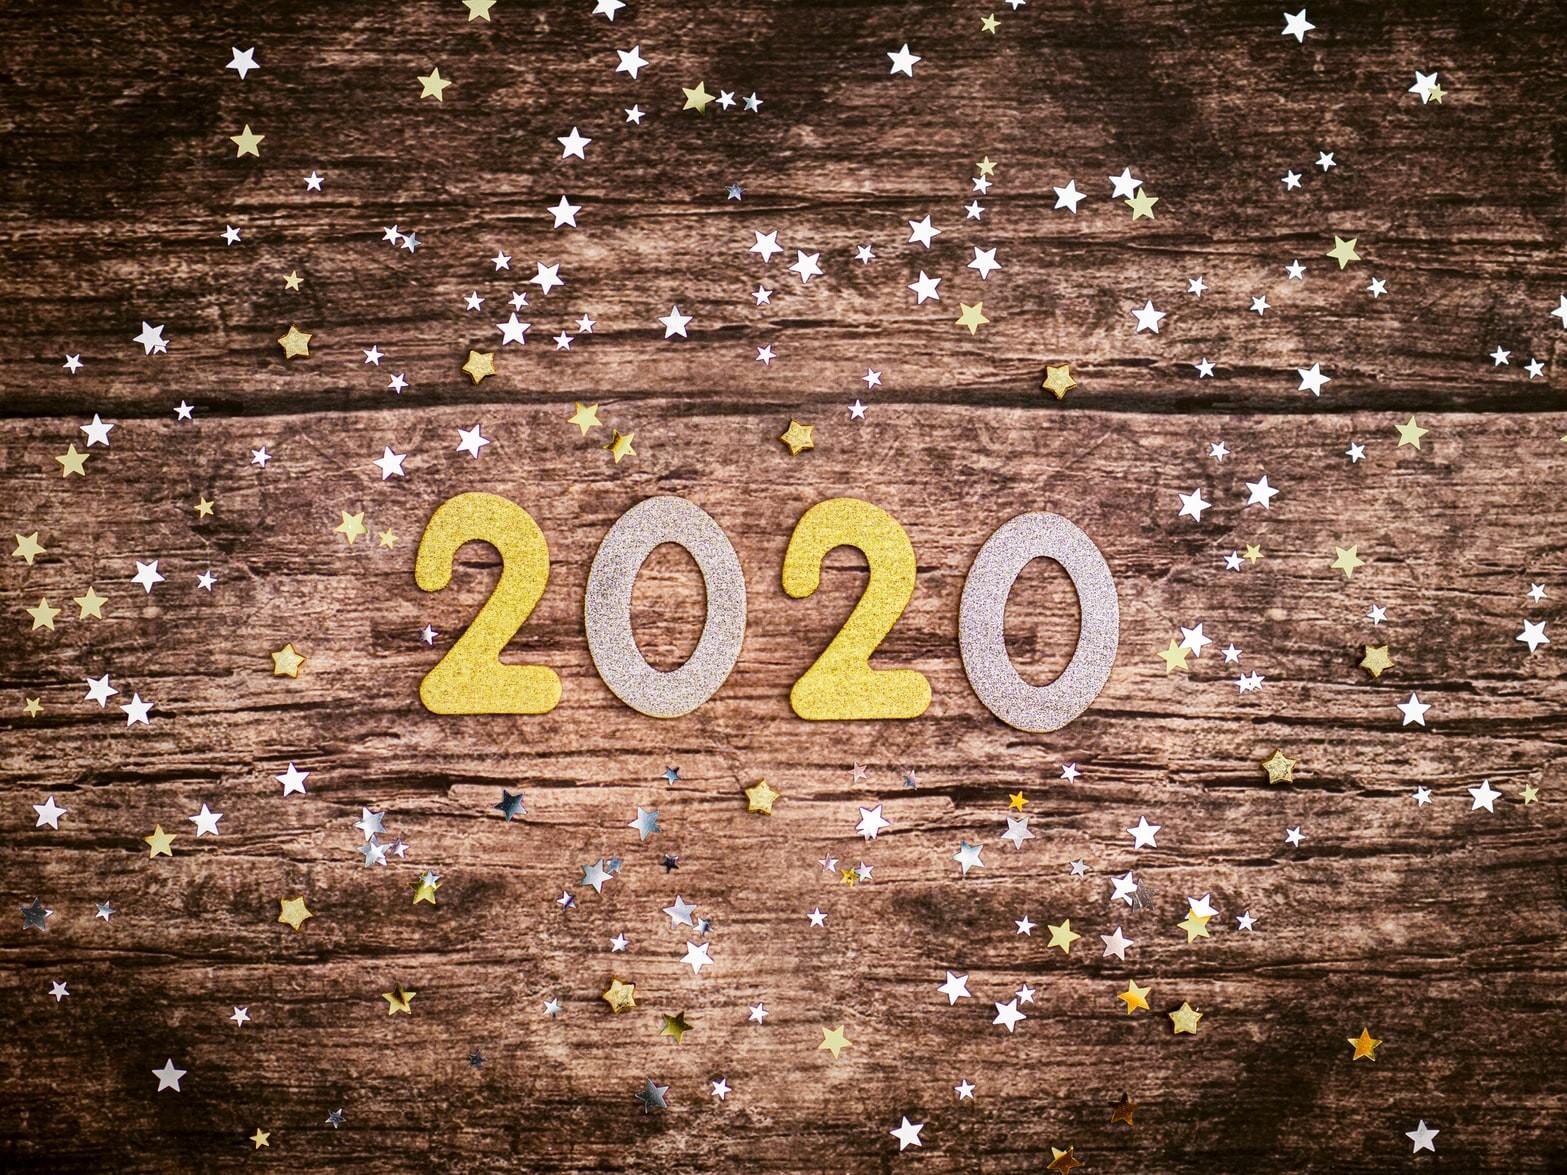 Bilan 2019 : une année riche en construction !